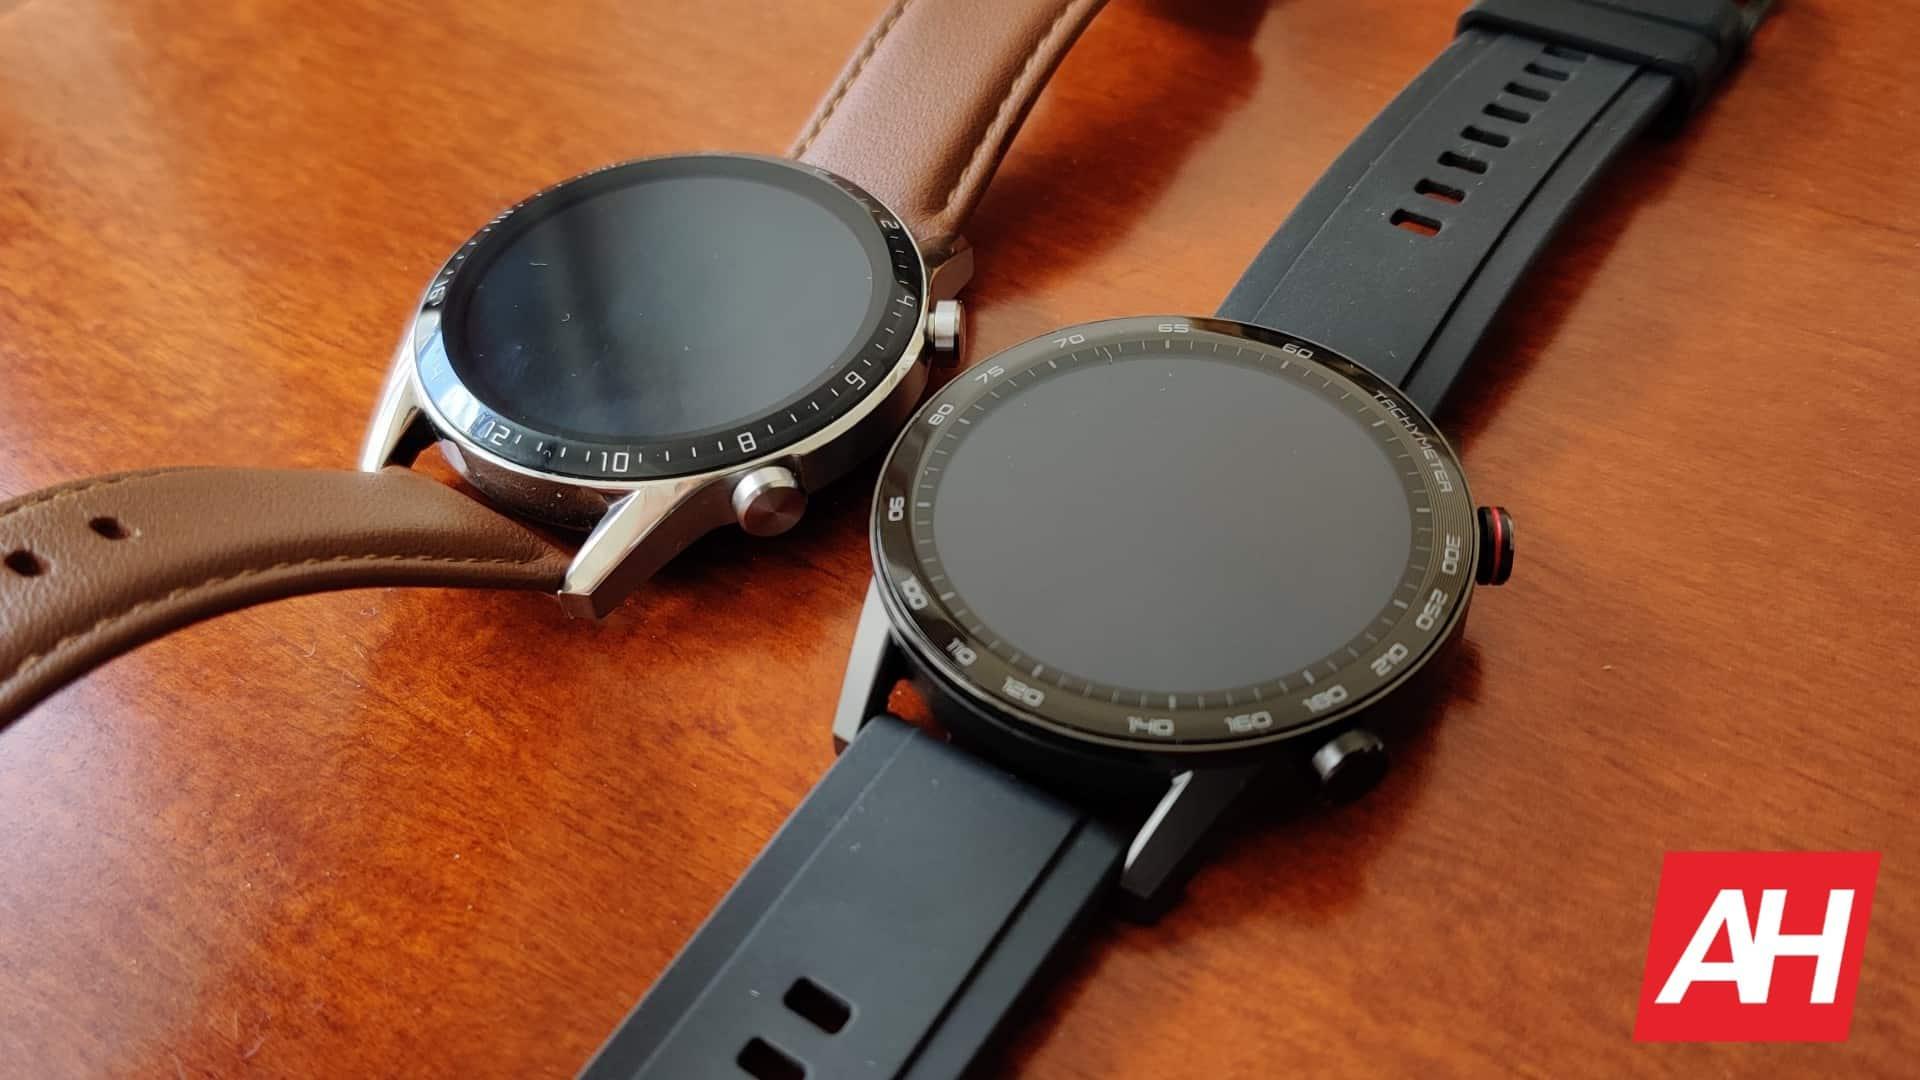 AH Huawei Watch GT 2 vs HONOR MagicWatch 2 image 3